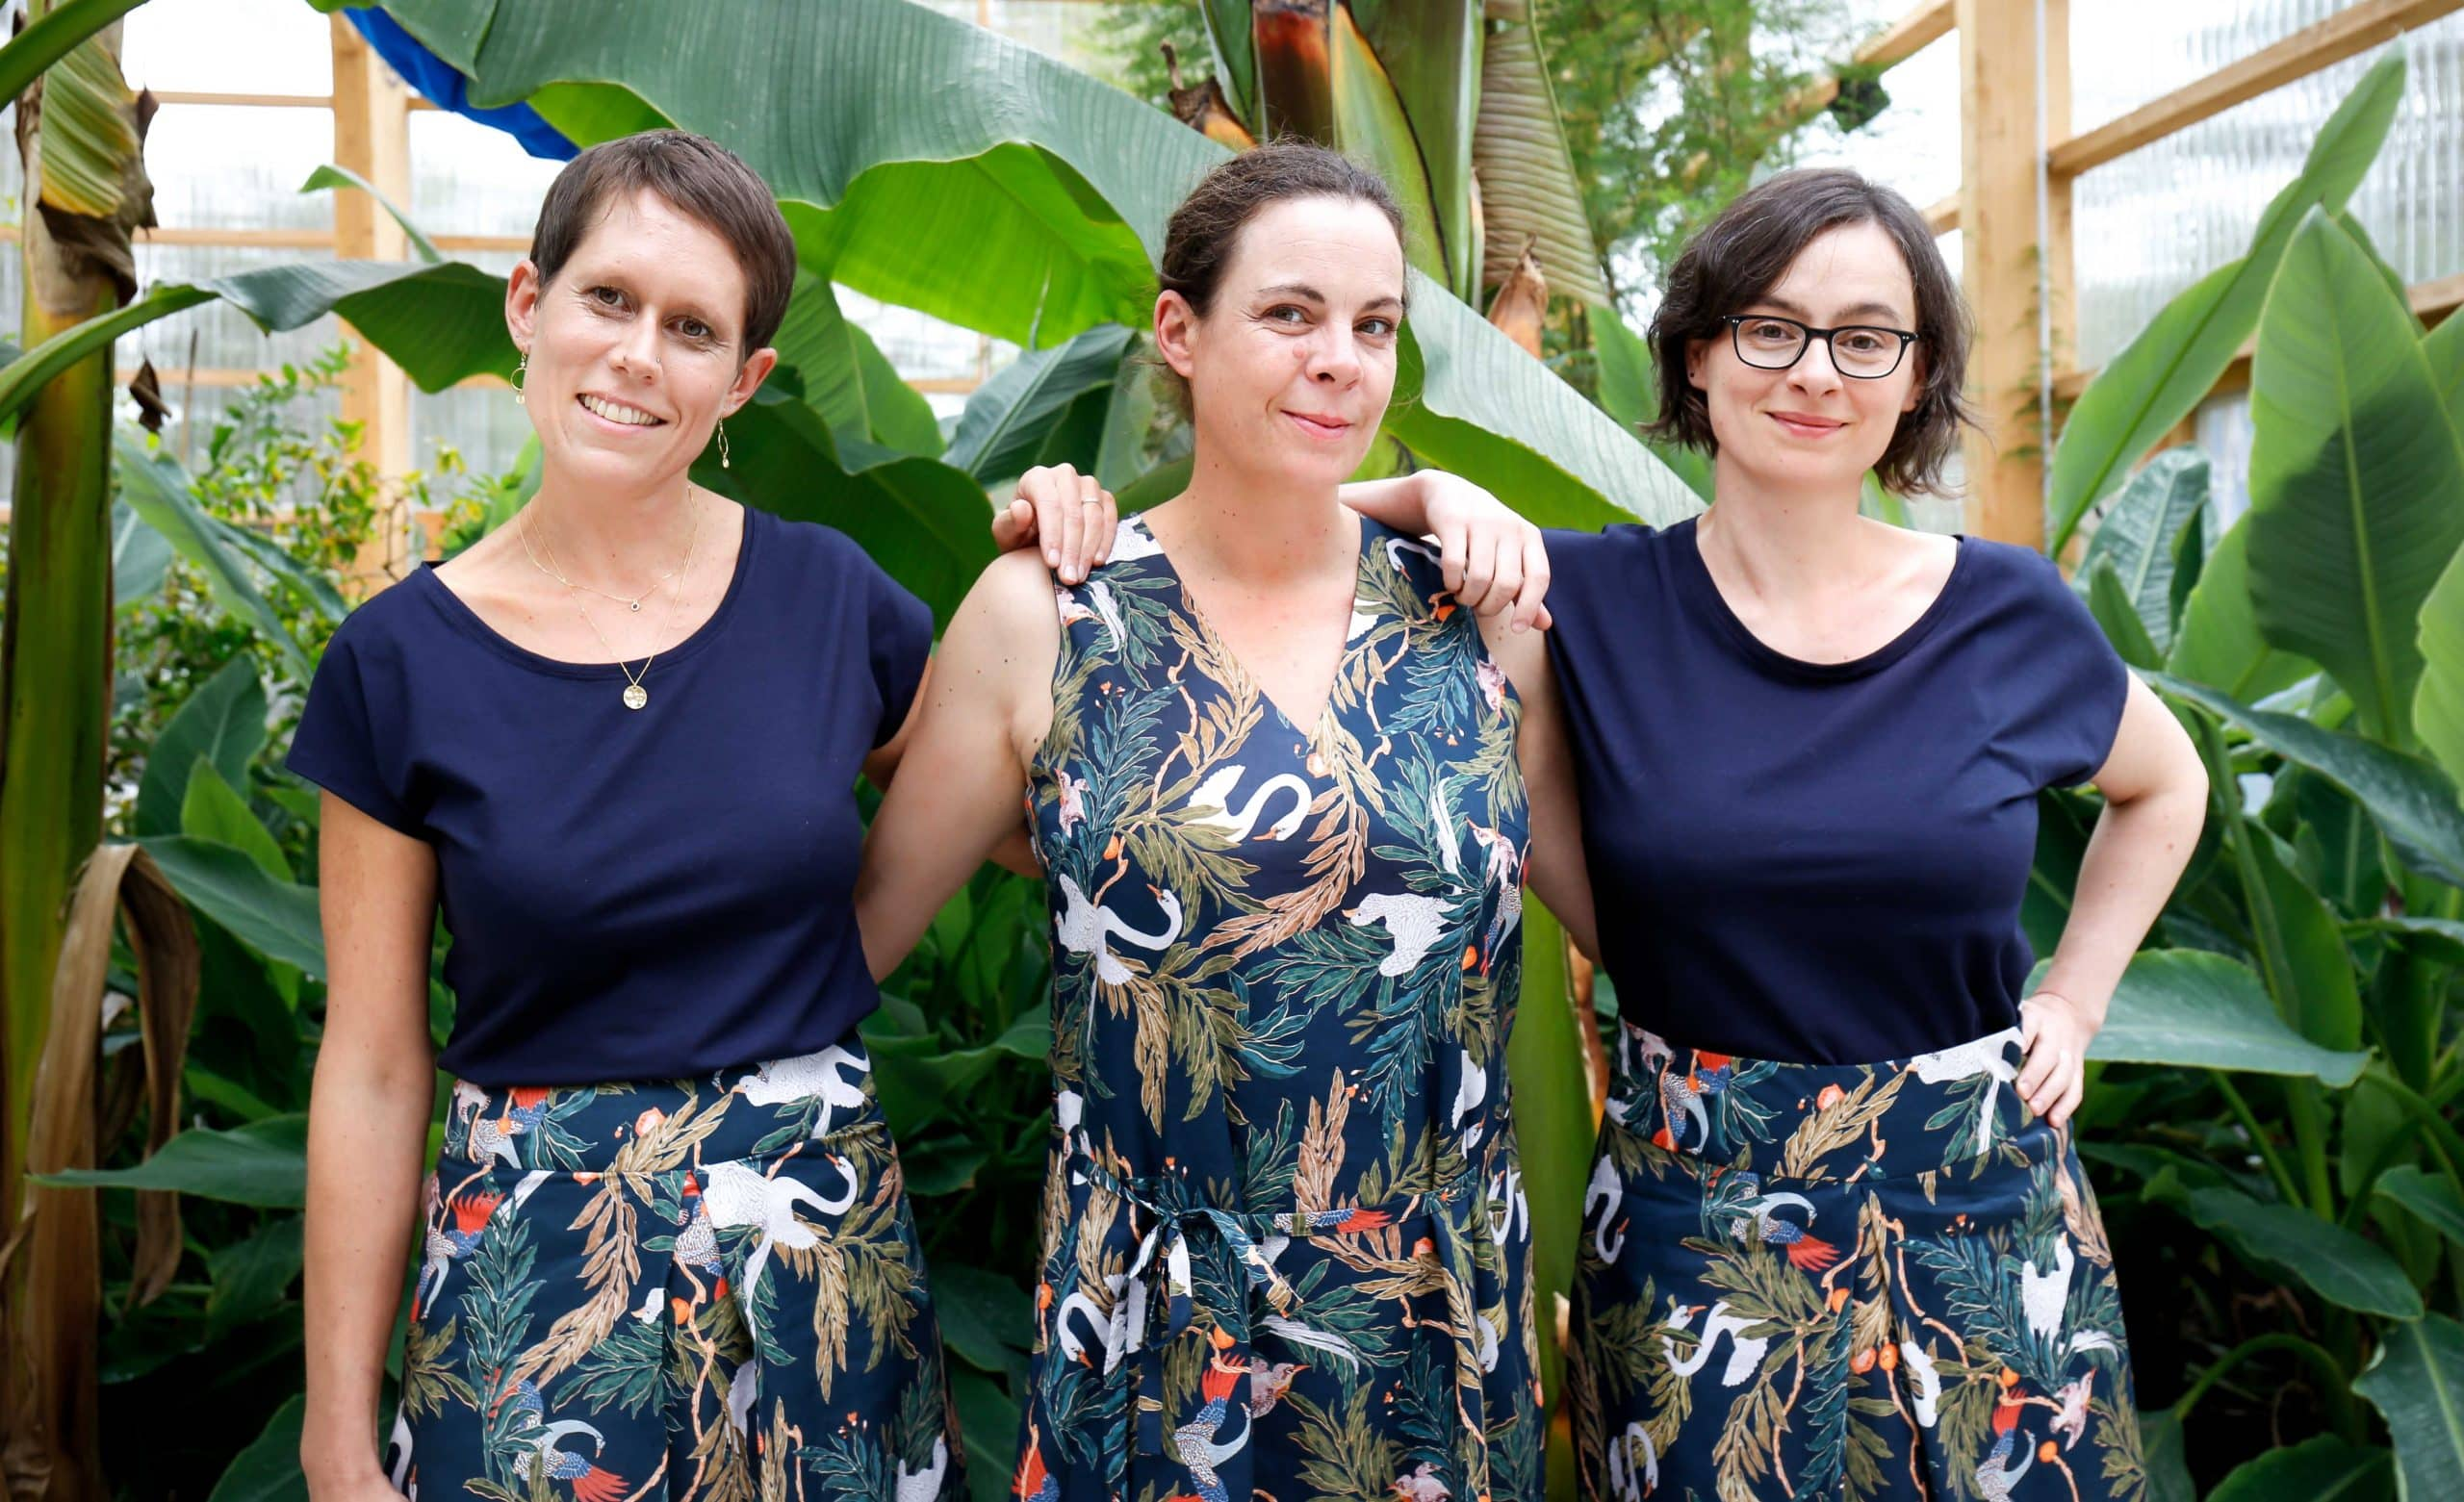 Photo ambiance 3 copines debout 3 versions de vêtements imprimé jungle